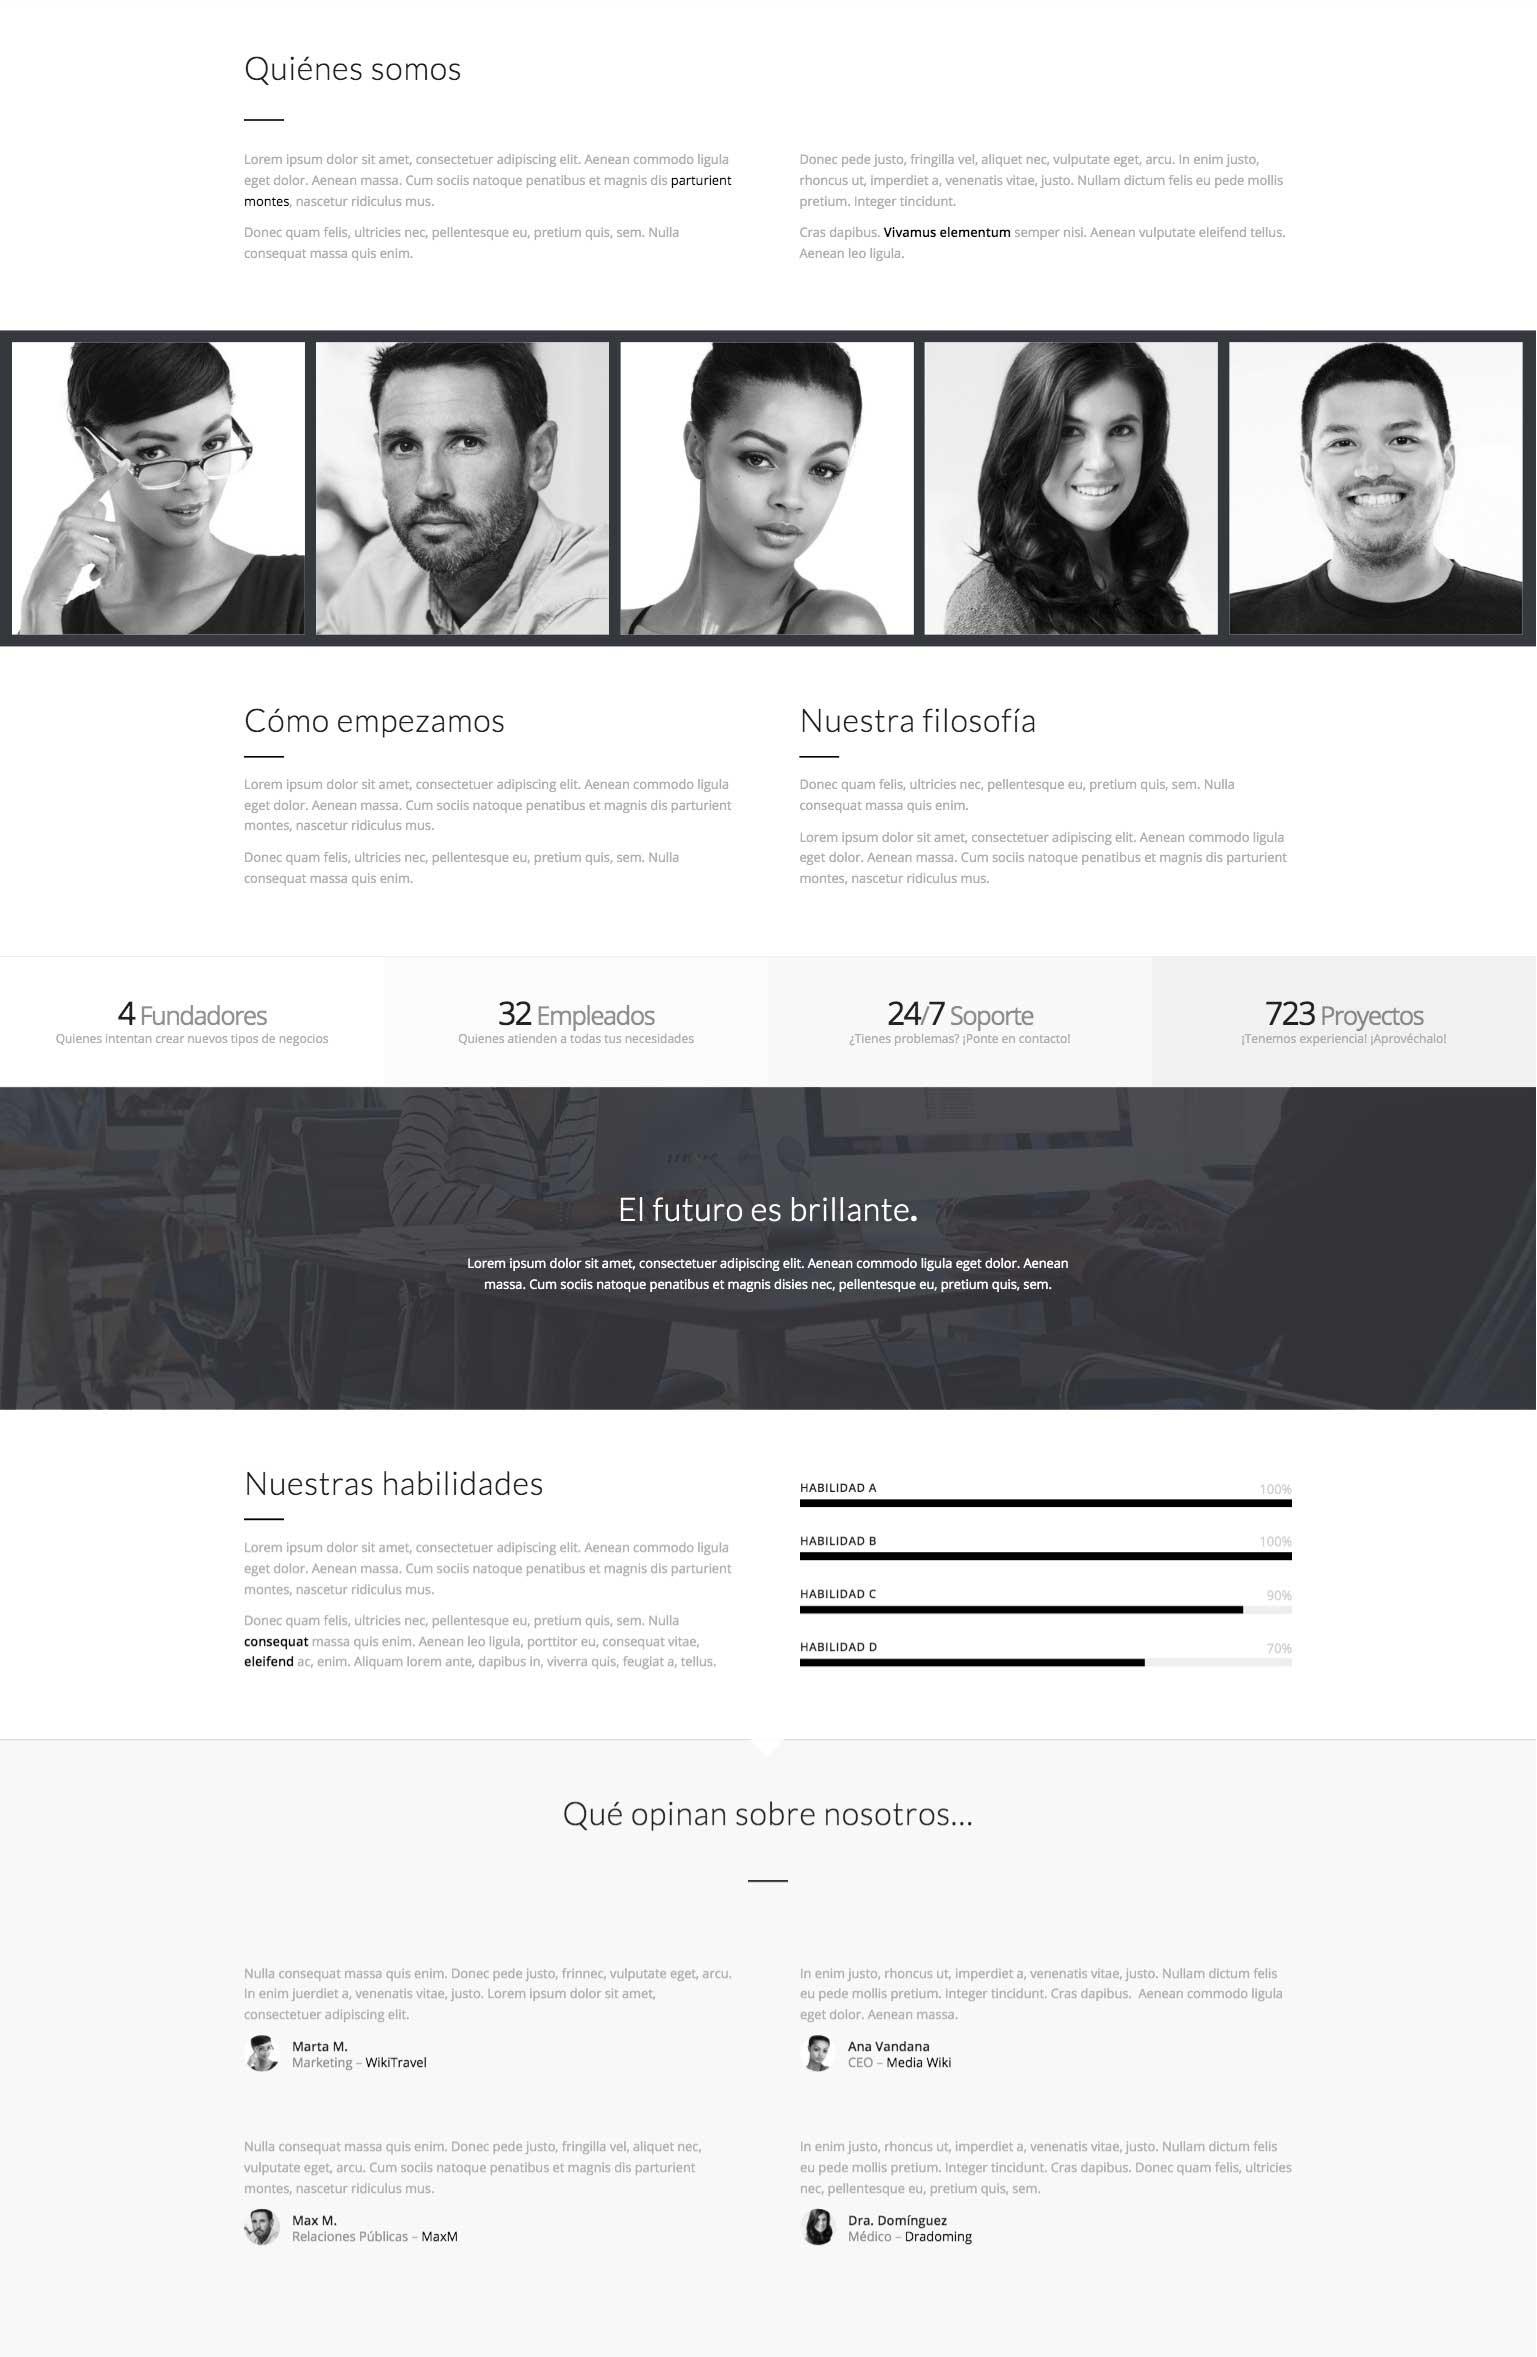 Imagen de producto página quiénes somos